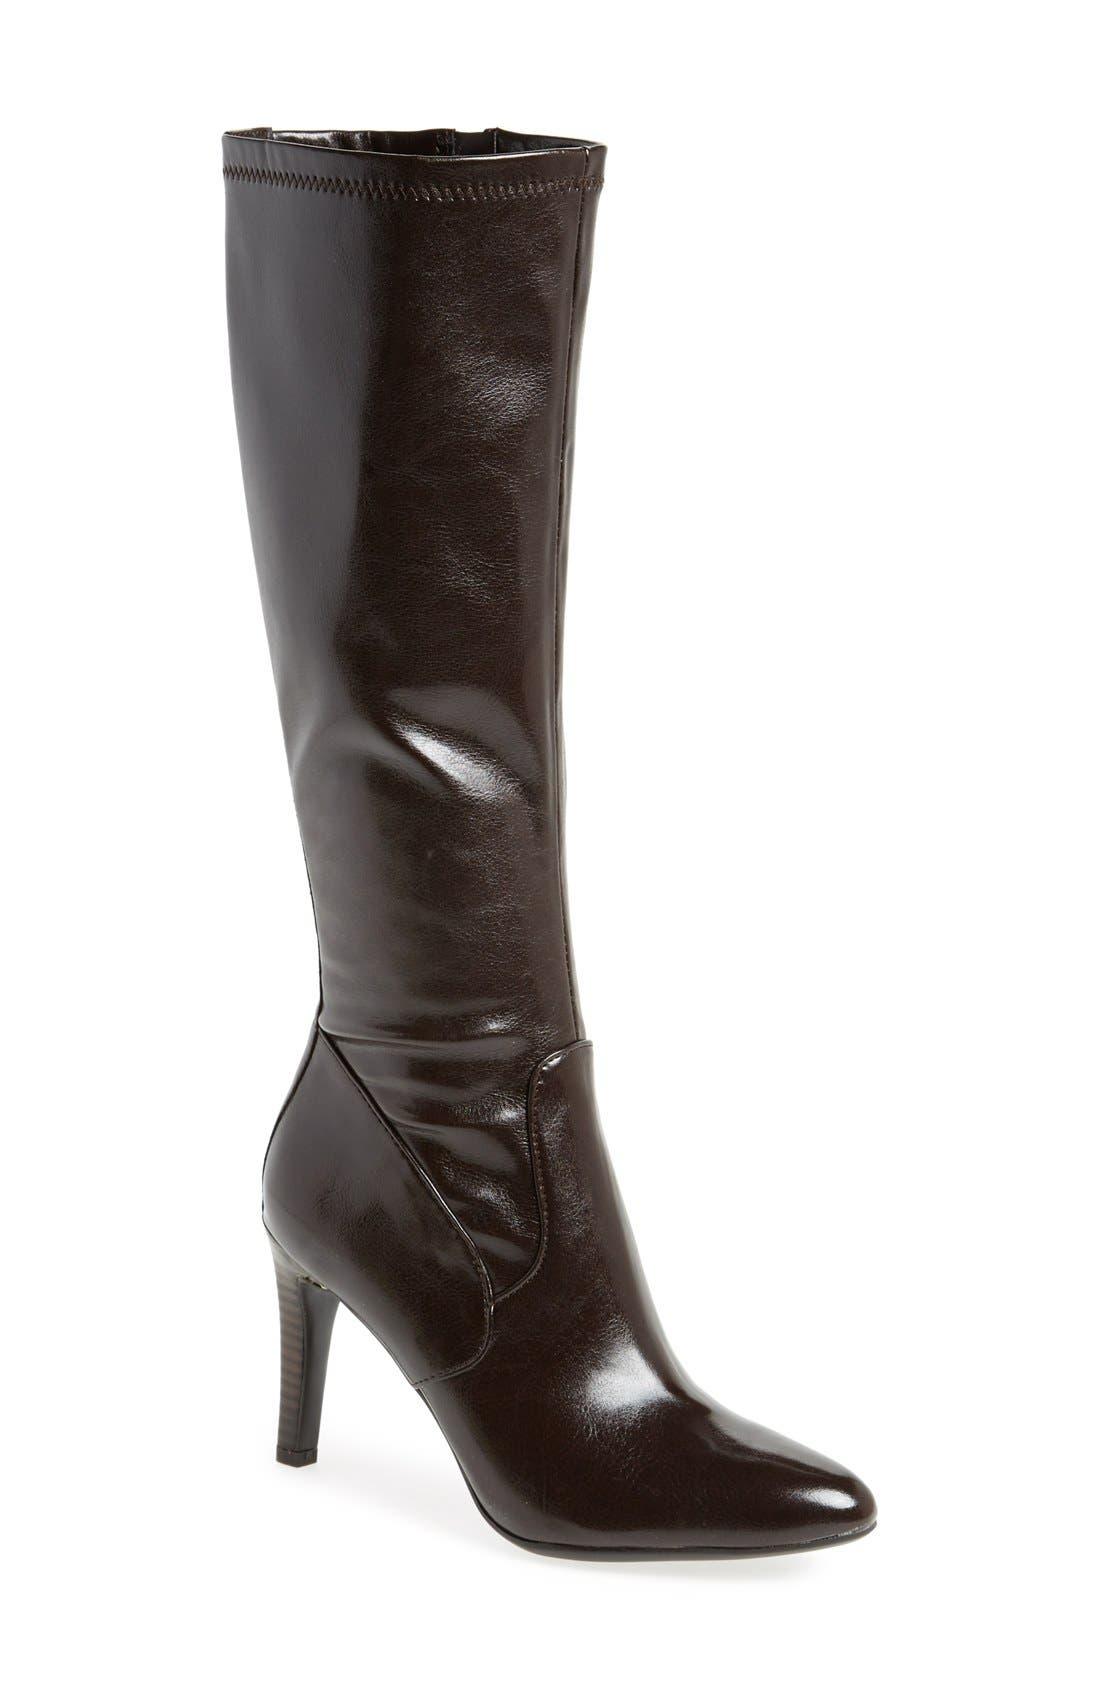 Main Image - Franco Sarto 'Coralla' Tall Boot (Women)